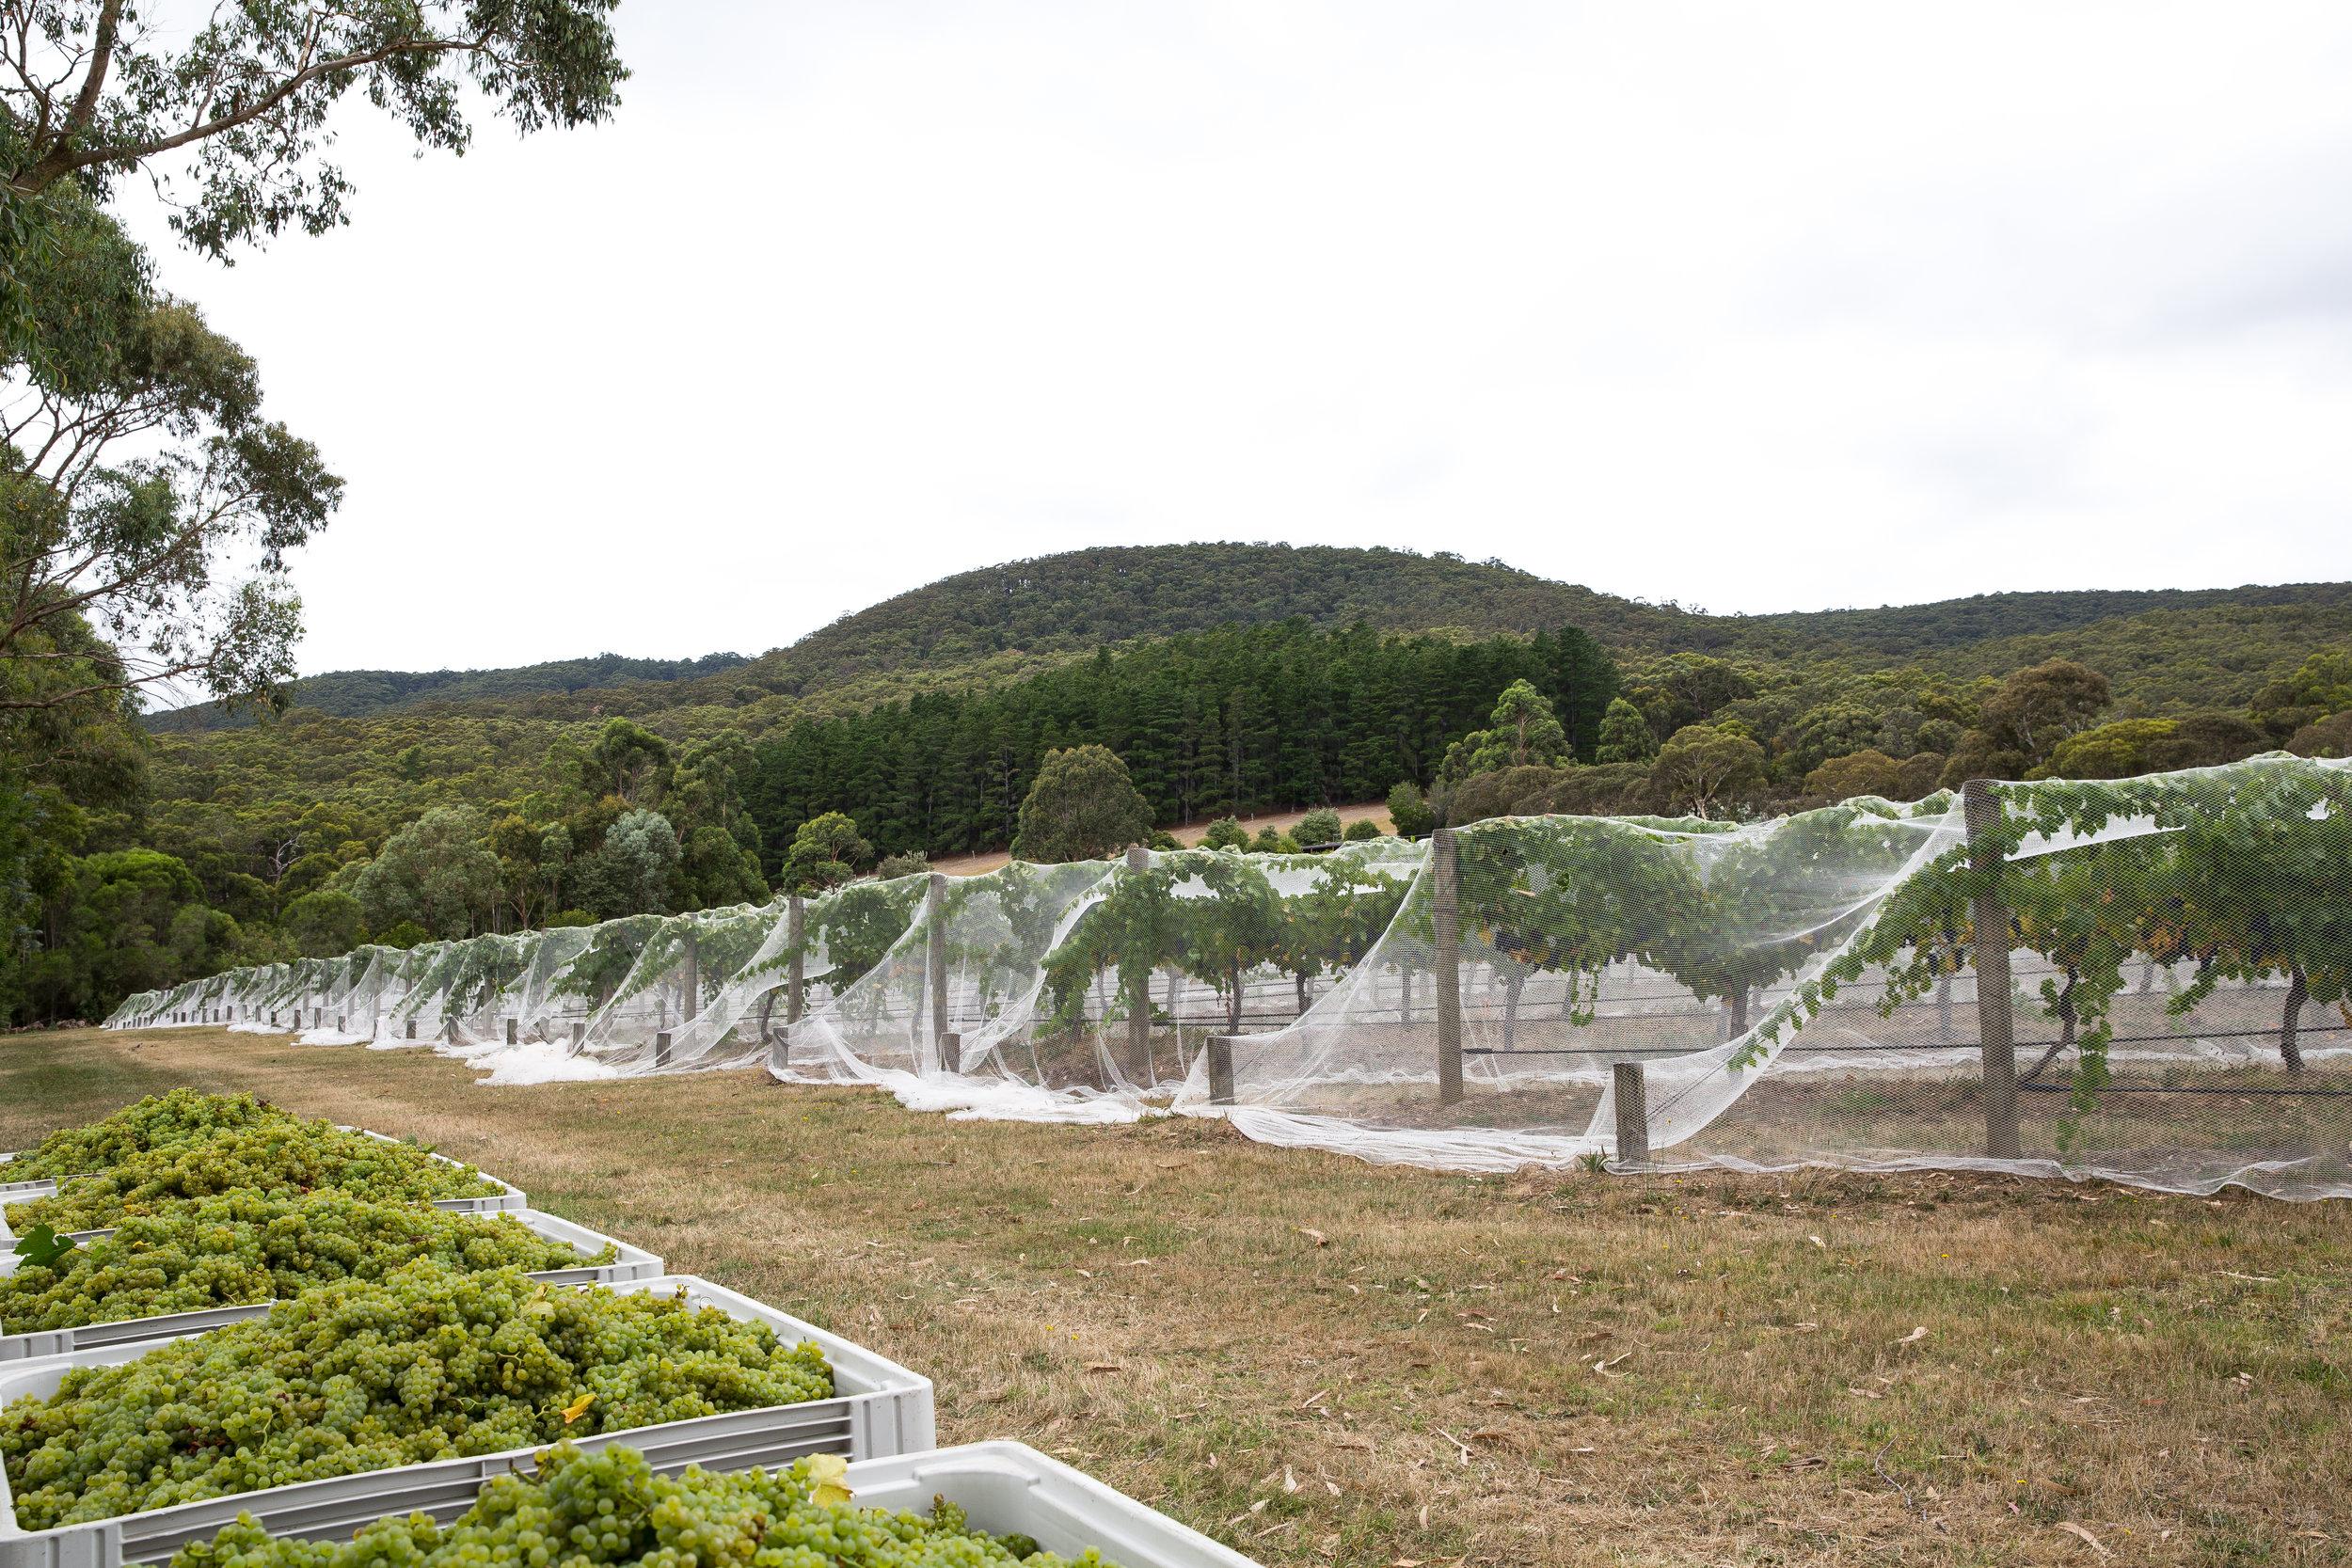 Harriet's Vineyard Chardonnay